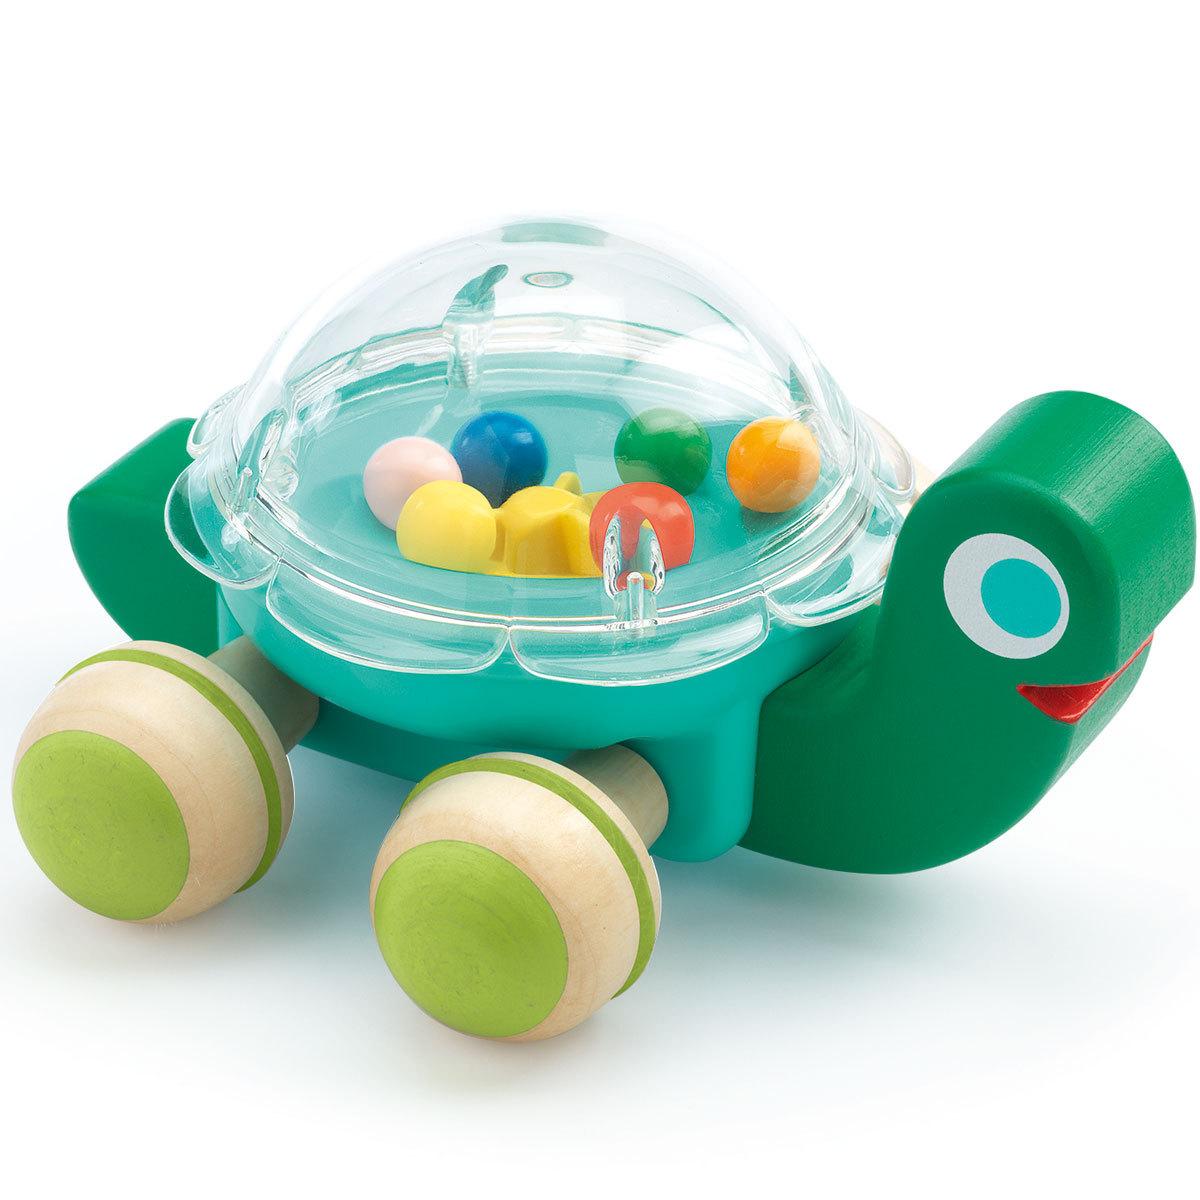 Mes premiers jouets Jouet à pousser - Lola Jouet à pousser - Lola